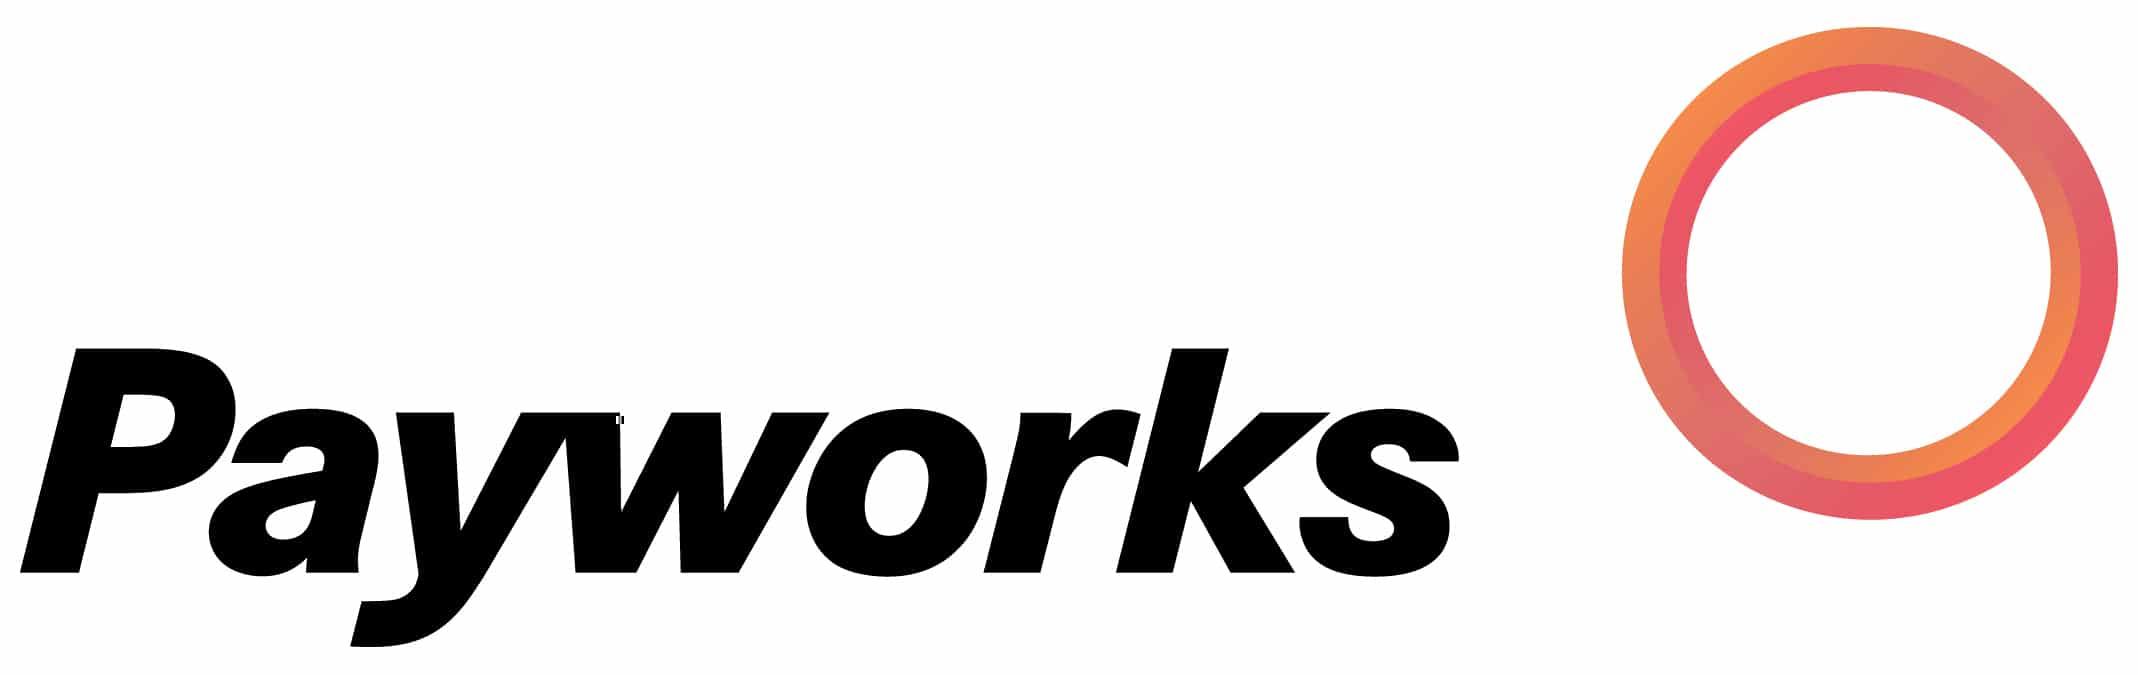 Payworks_RGB